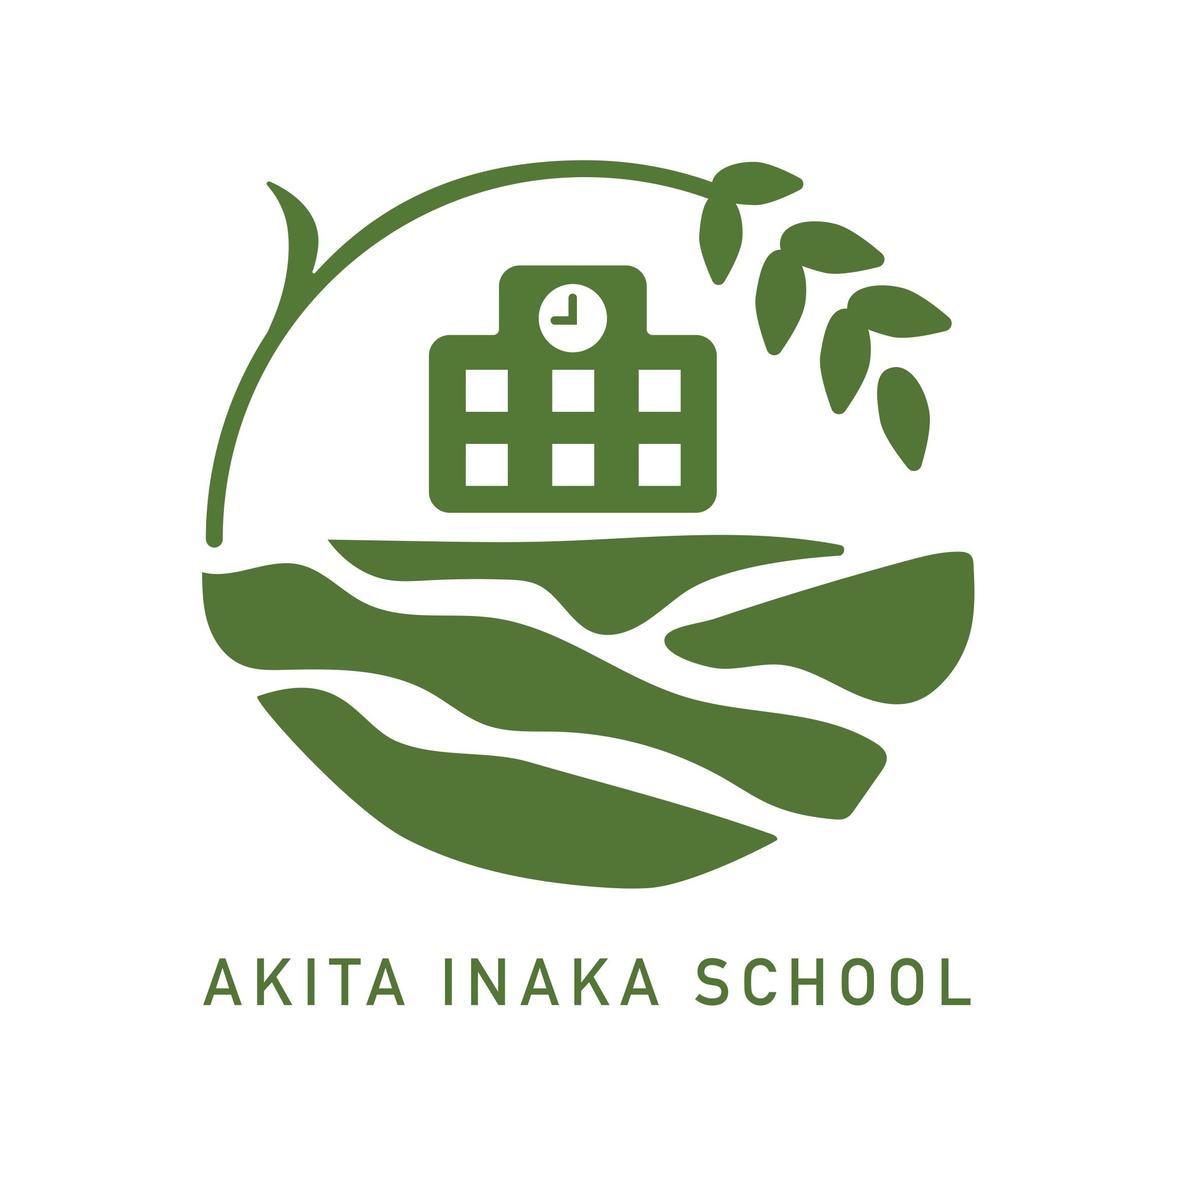 Akita Inaka School